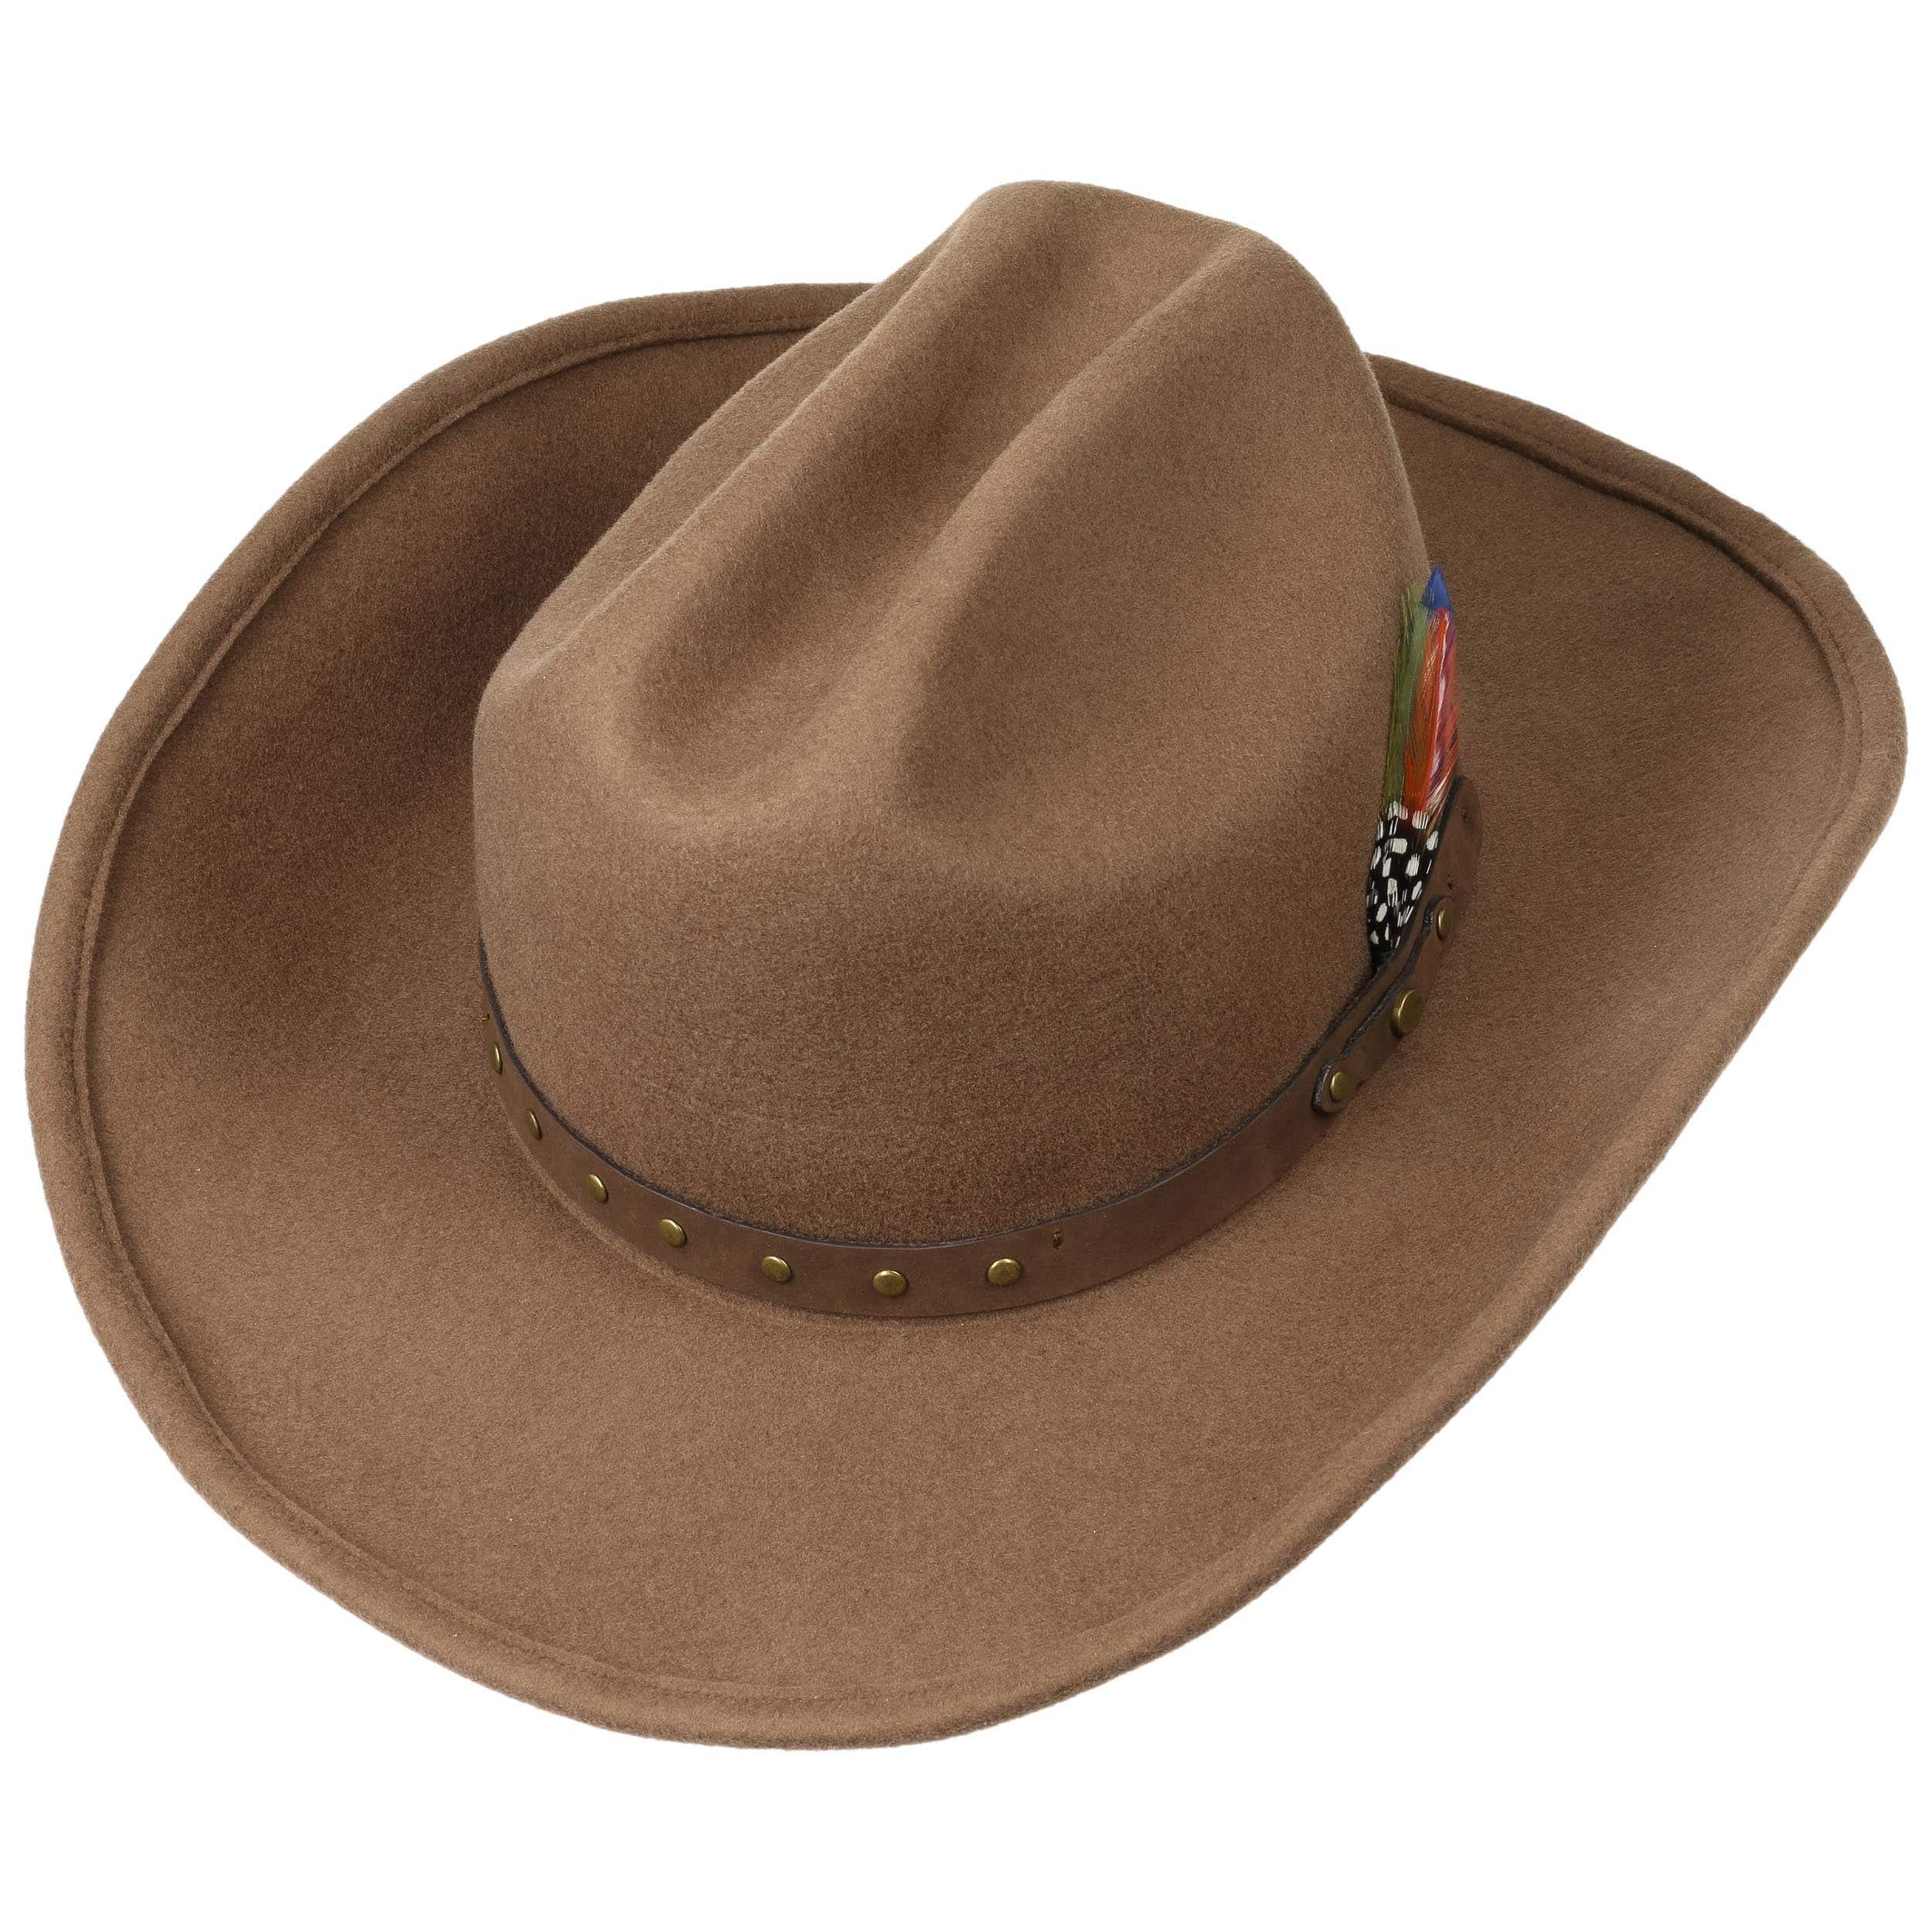 ... Batson Cattleman Western Hat by Stetson - dark beige 1 ... 873bb70b464